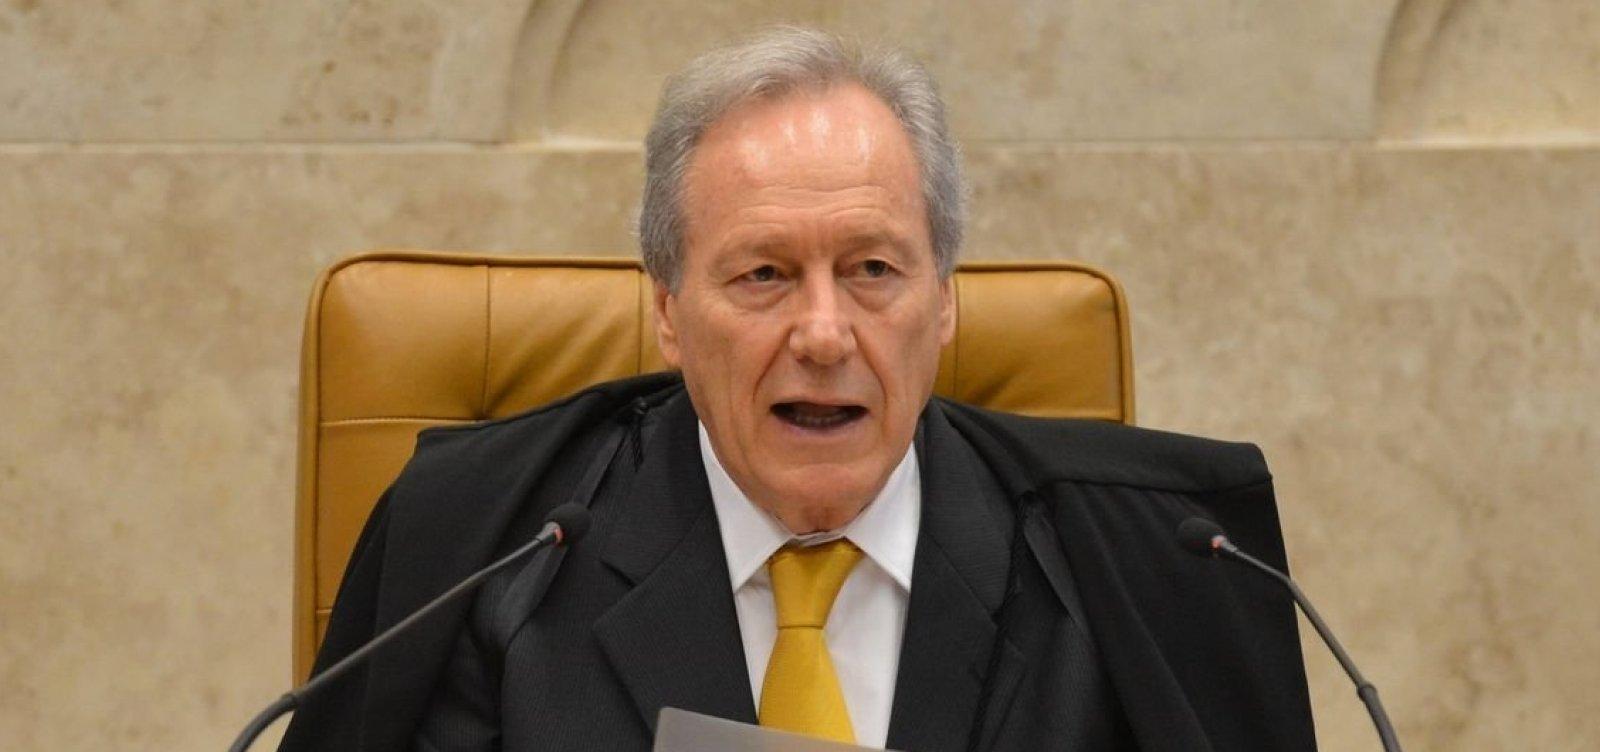 [Maioria da 2ª Turma do STF vota pelo acesso de Lula a diálogos entre Moro e procuradores da Lava-Jato ]